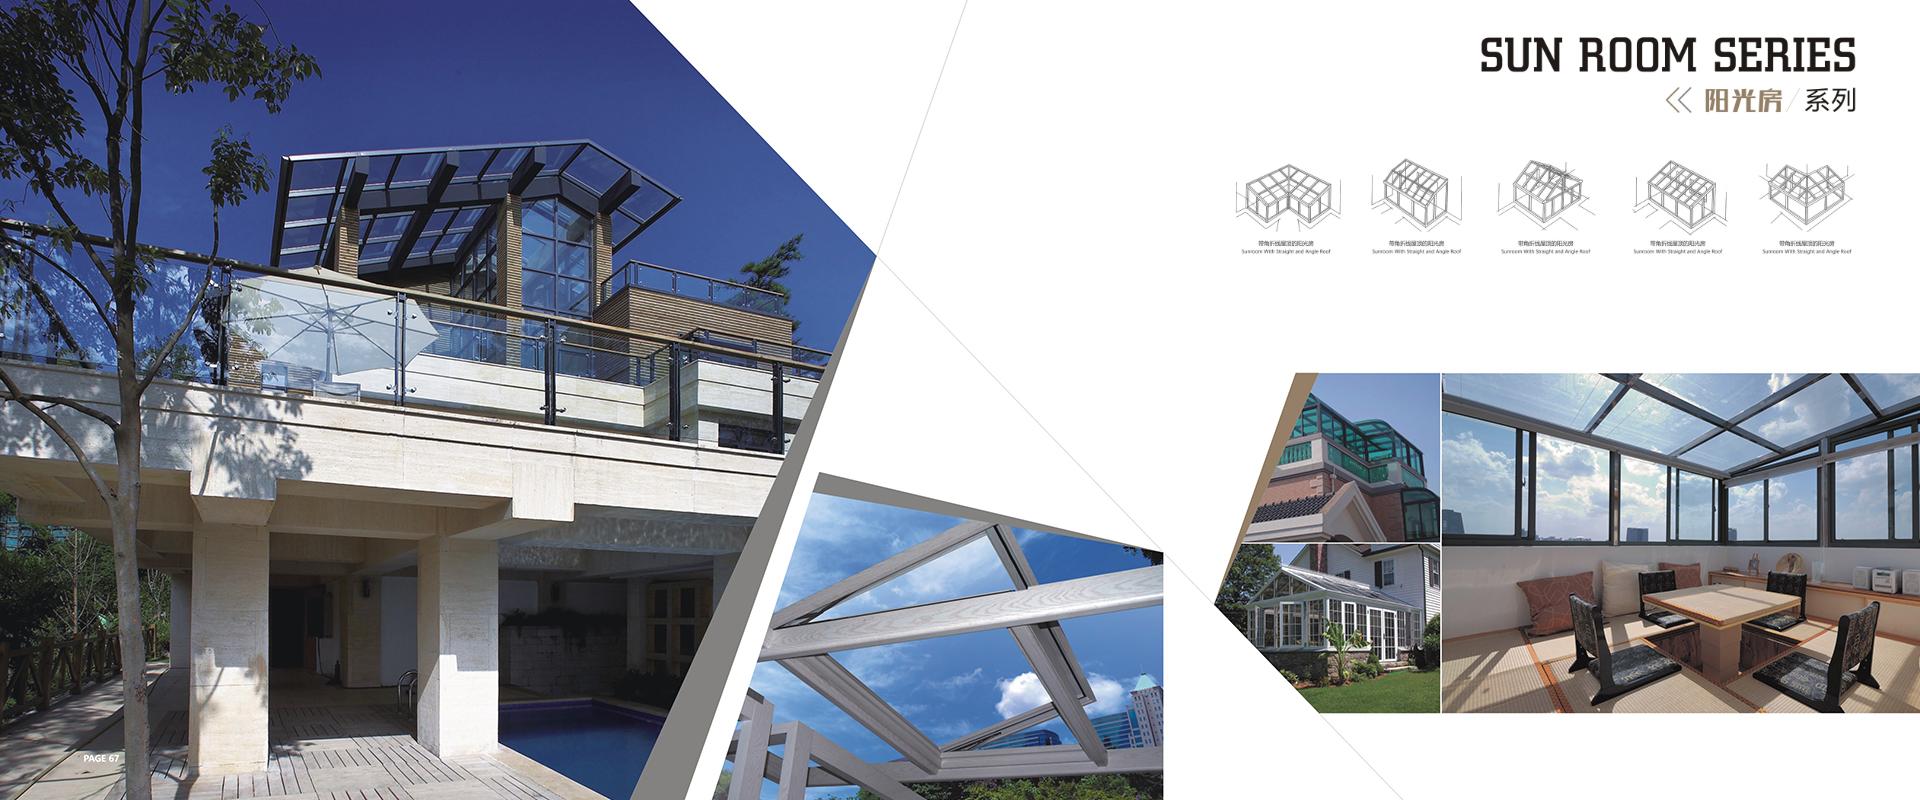 搭建乌鲁木齐阳光房材料应该选择什么